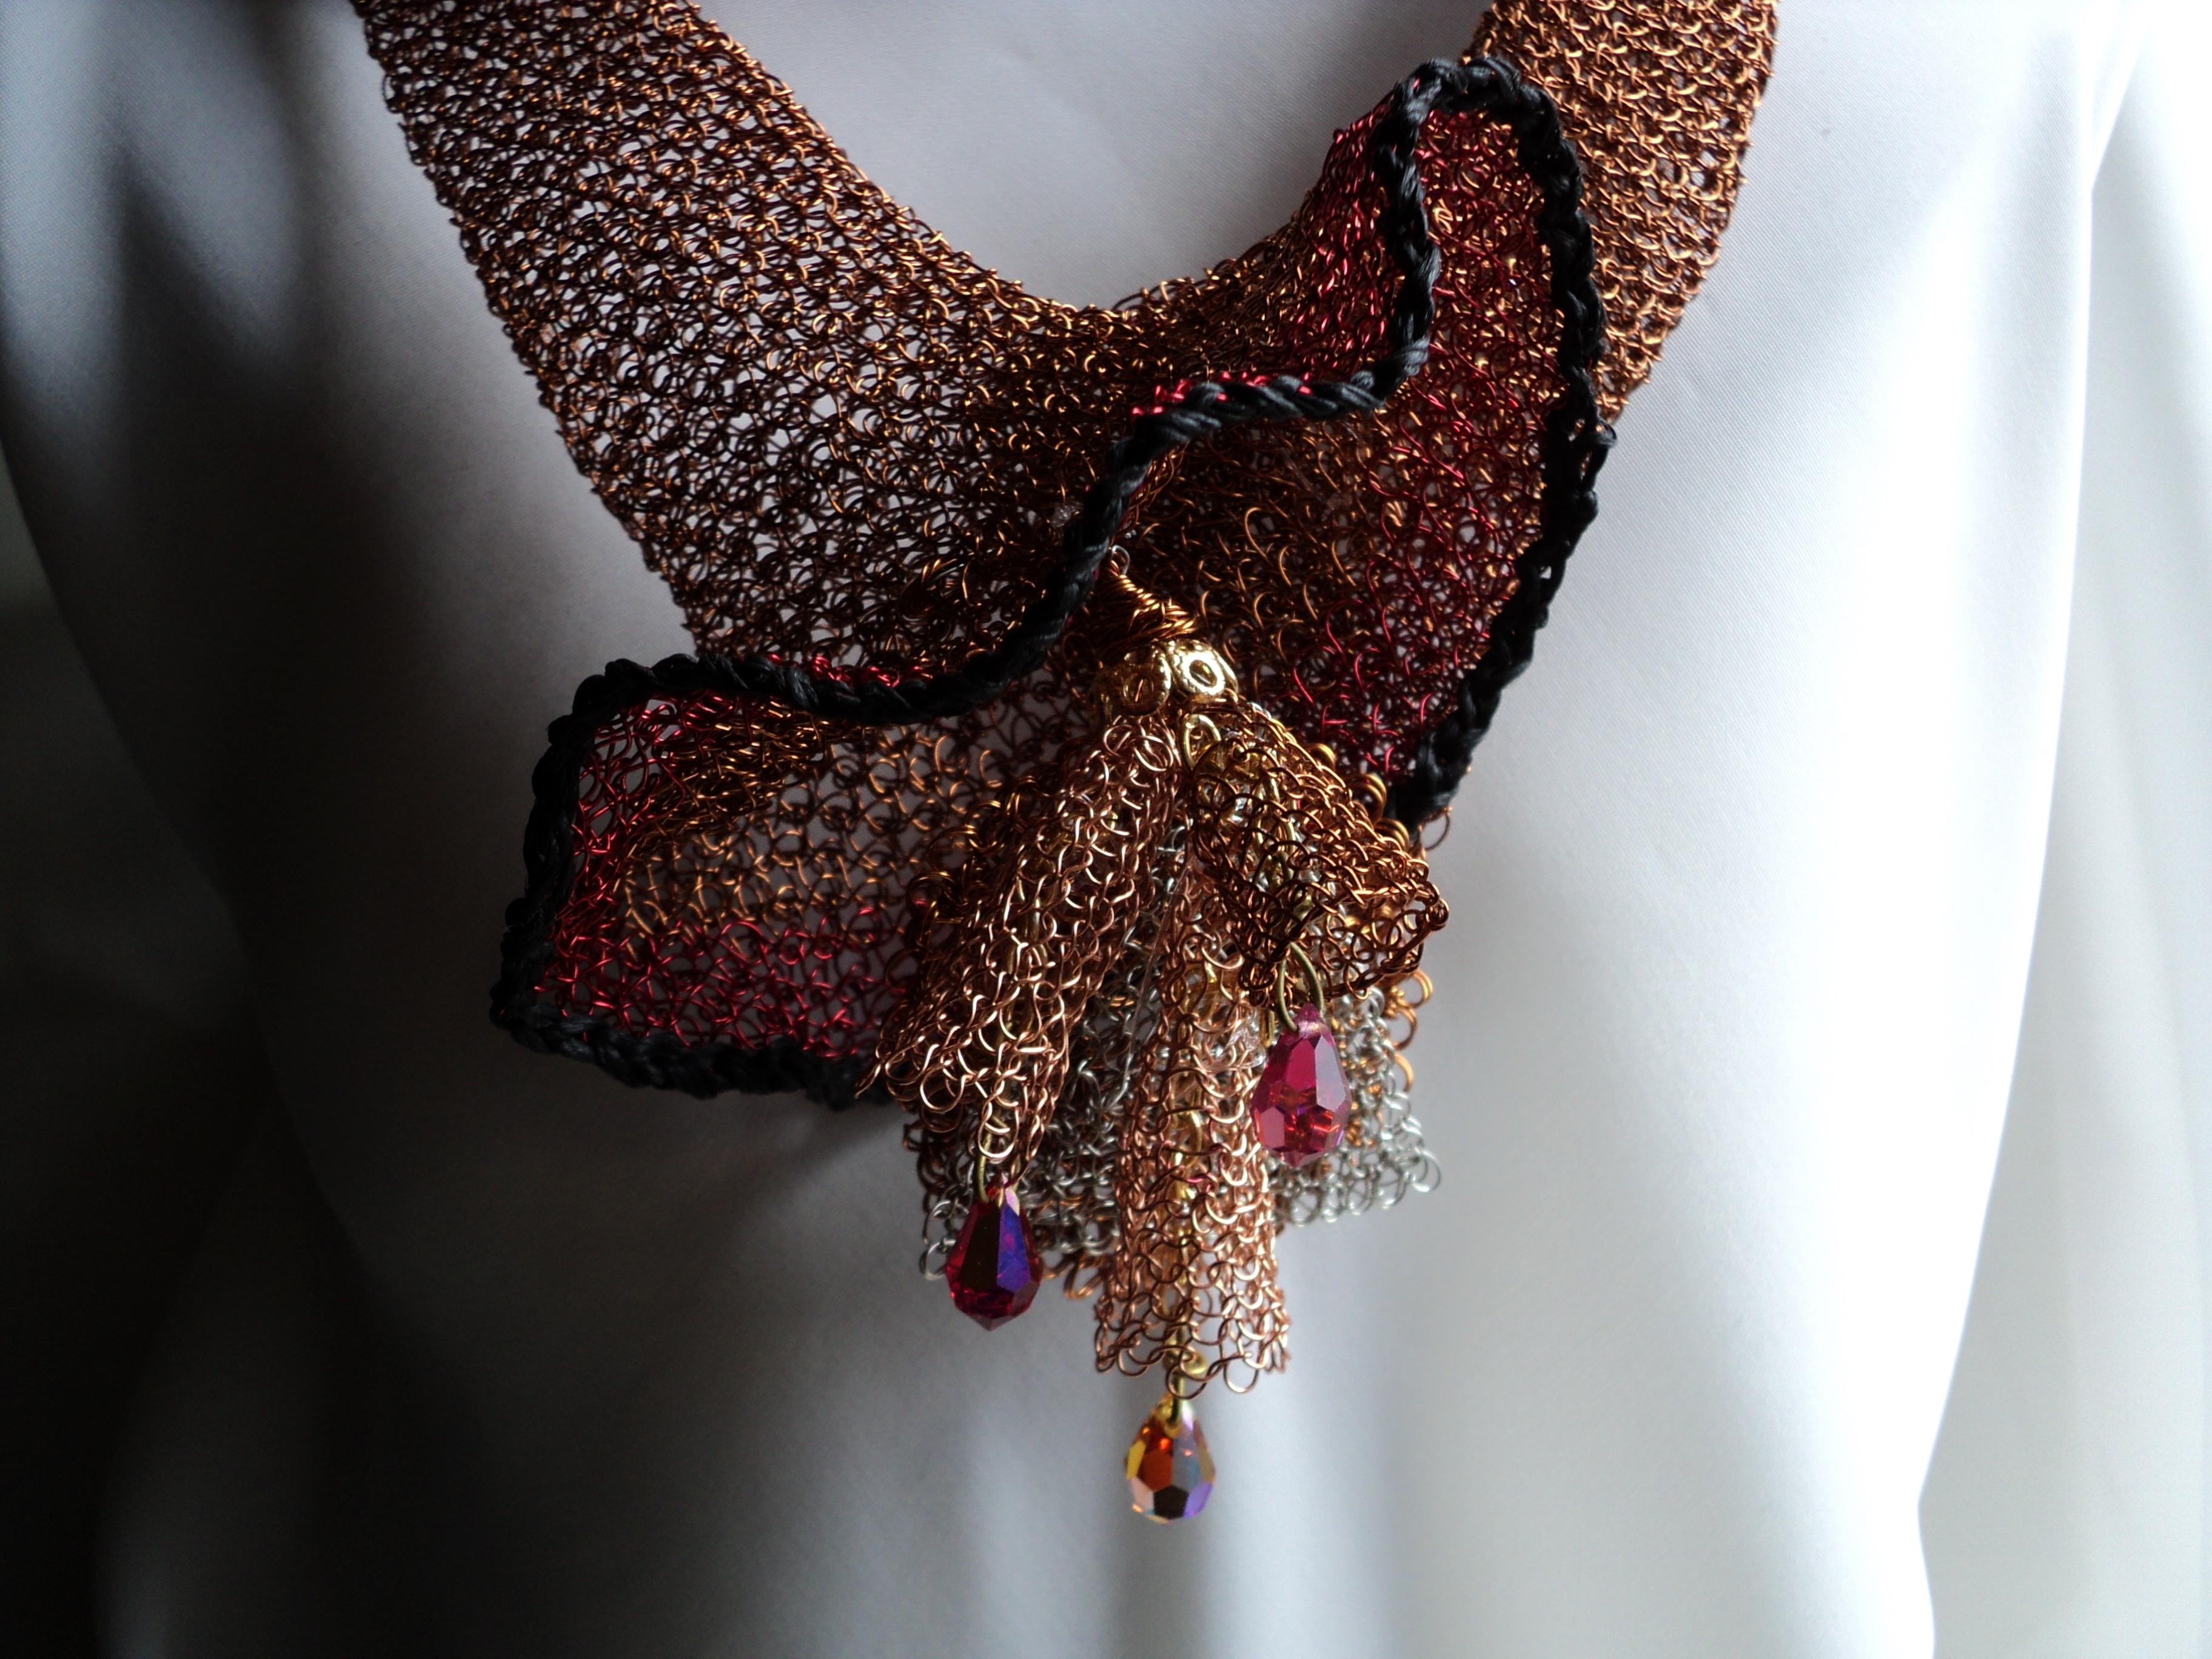 Zircon joyas adriana laura mendez - Aplicaciones en crochet ...